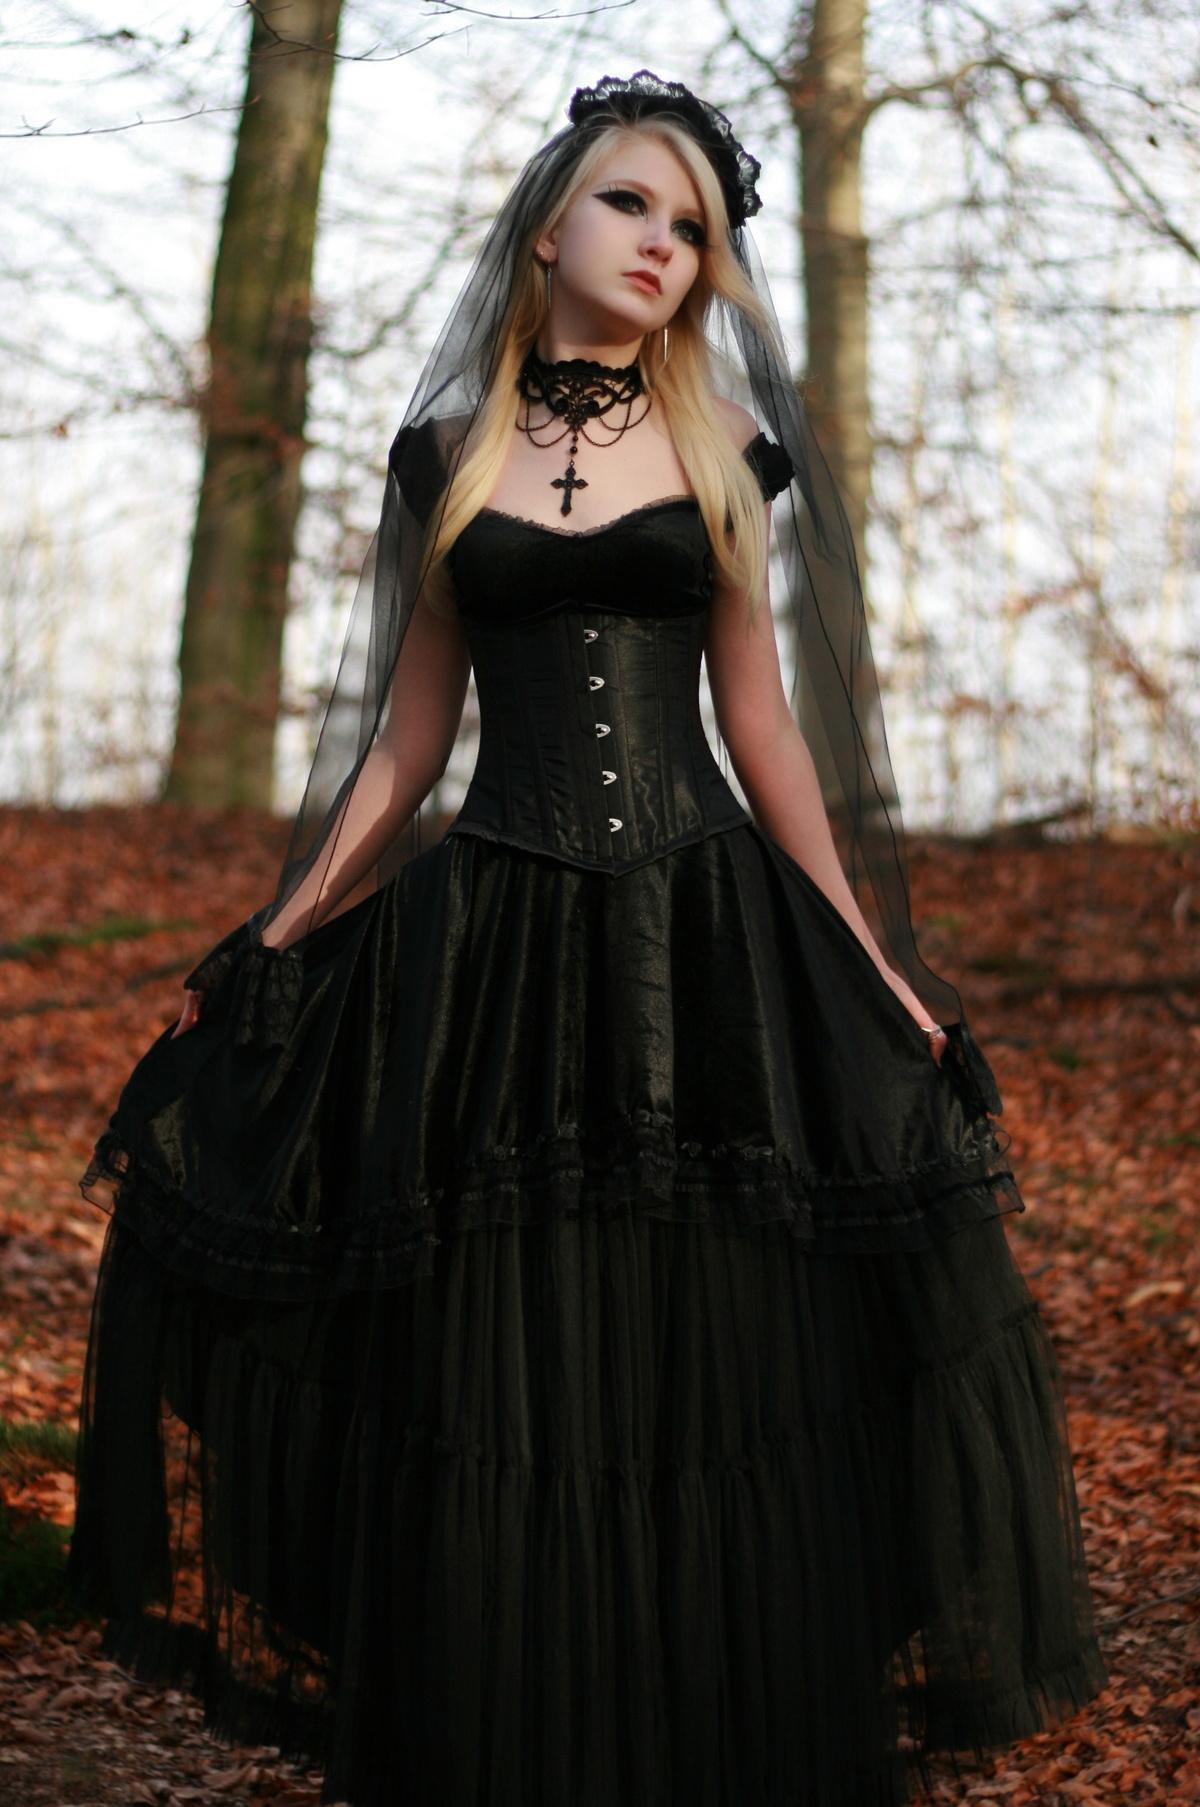 помощью готическая одежда стиль фотки вам сопутствует